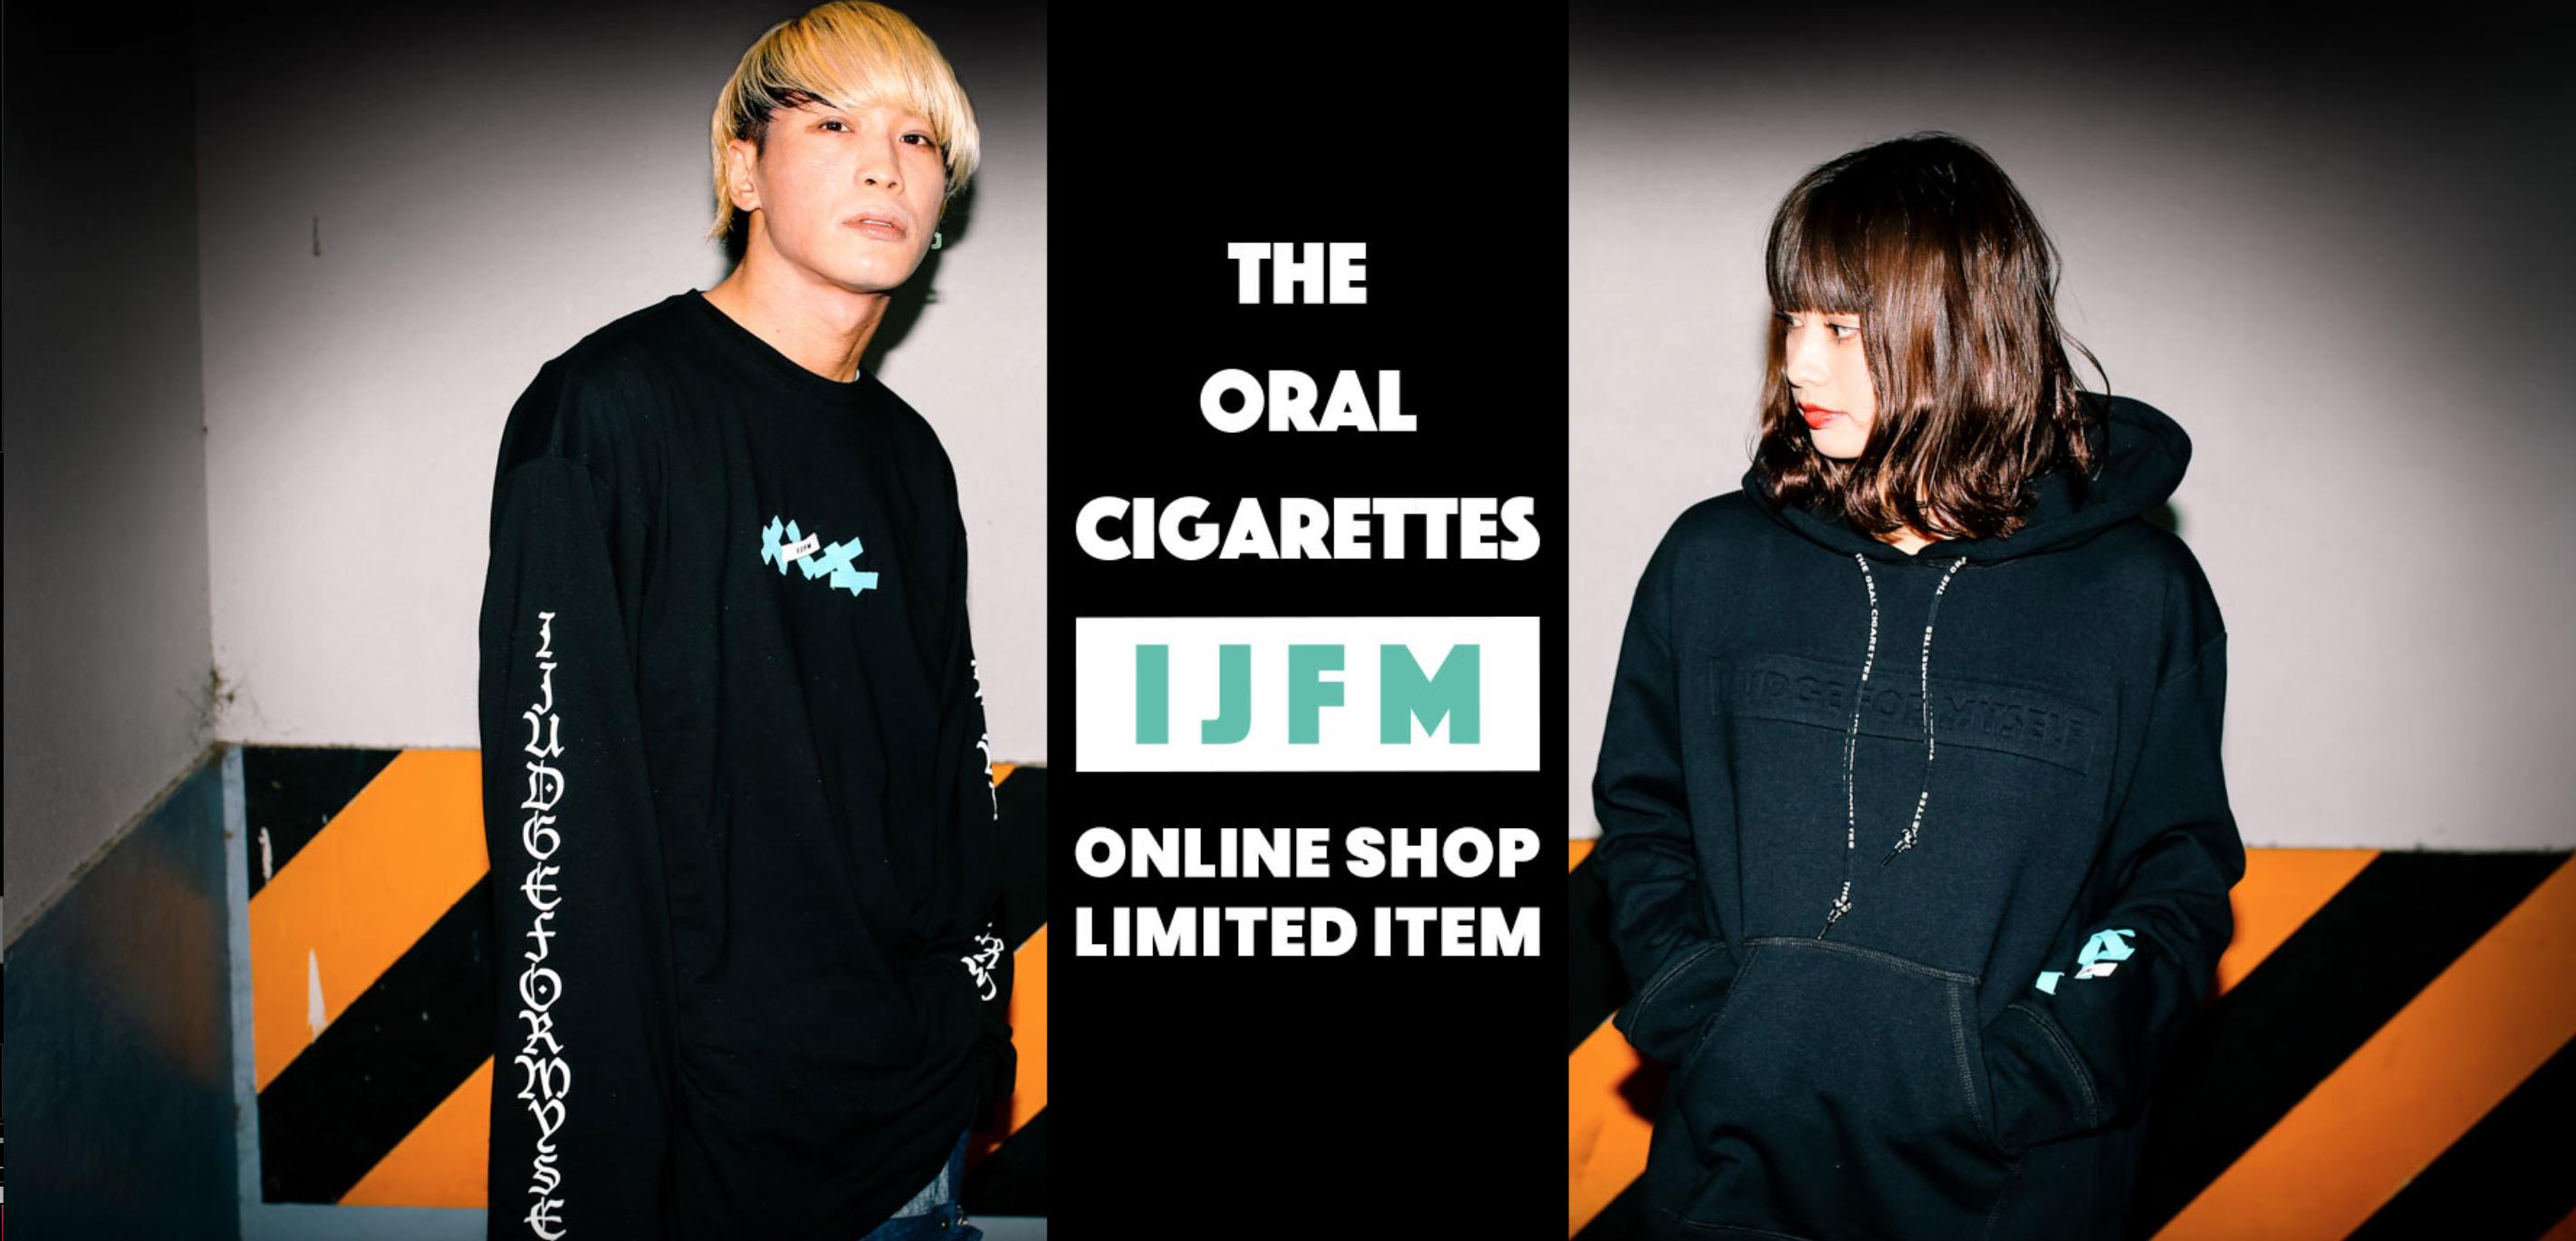 Oral cigarettes the